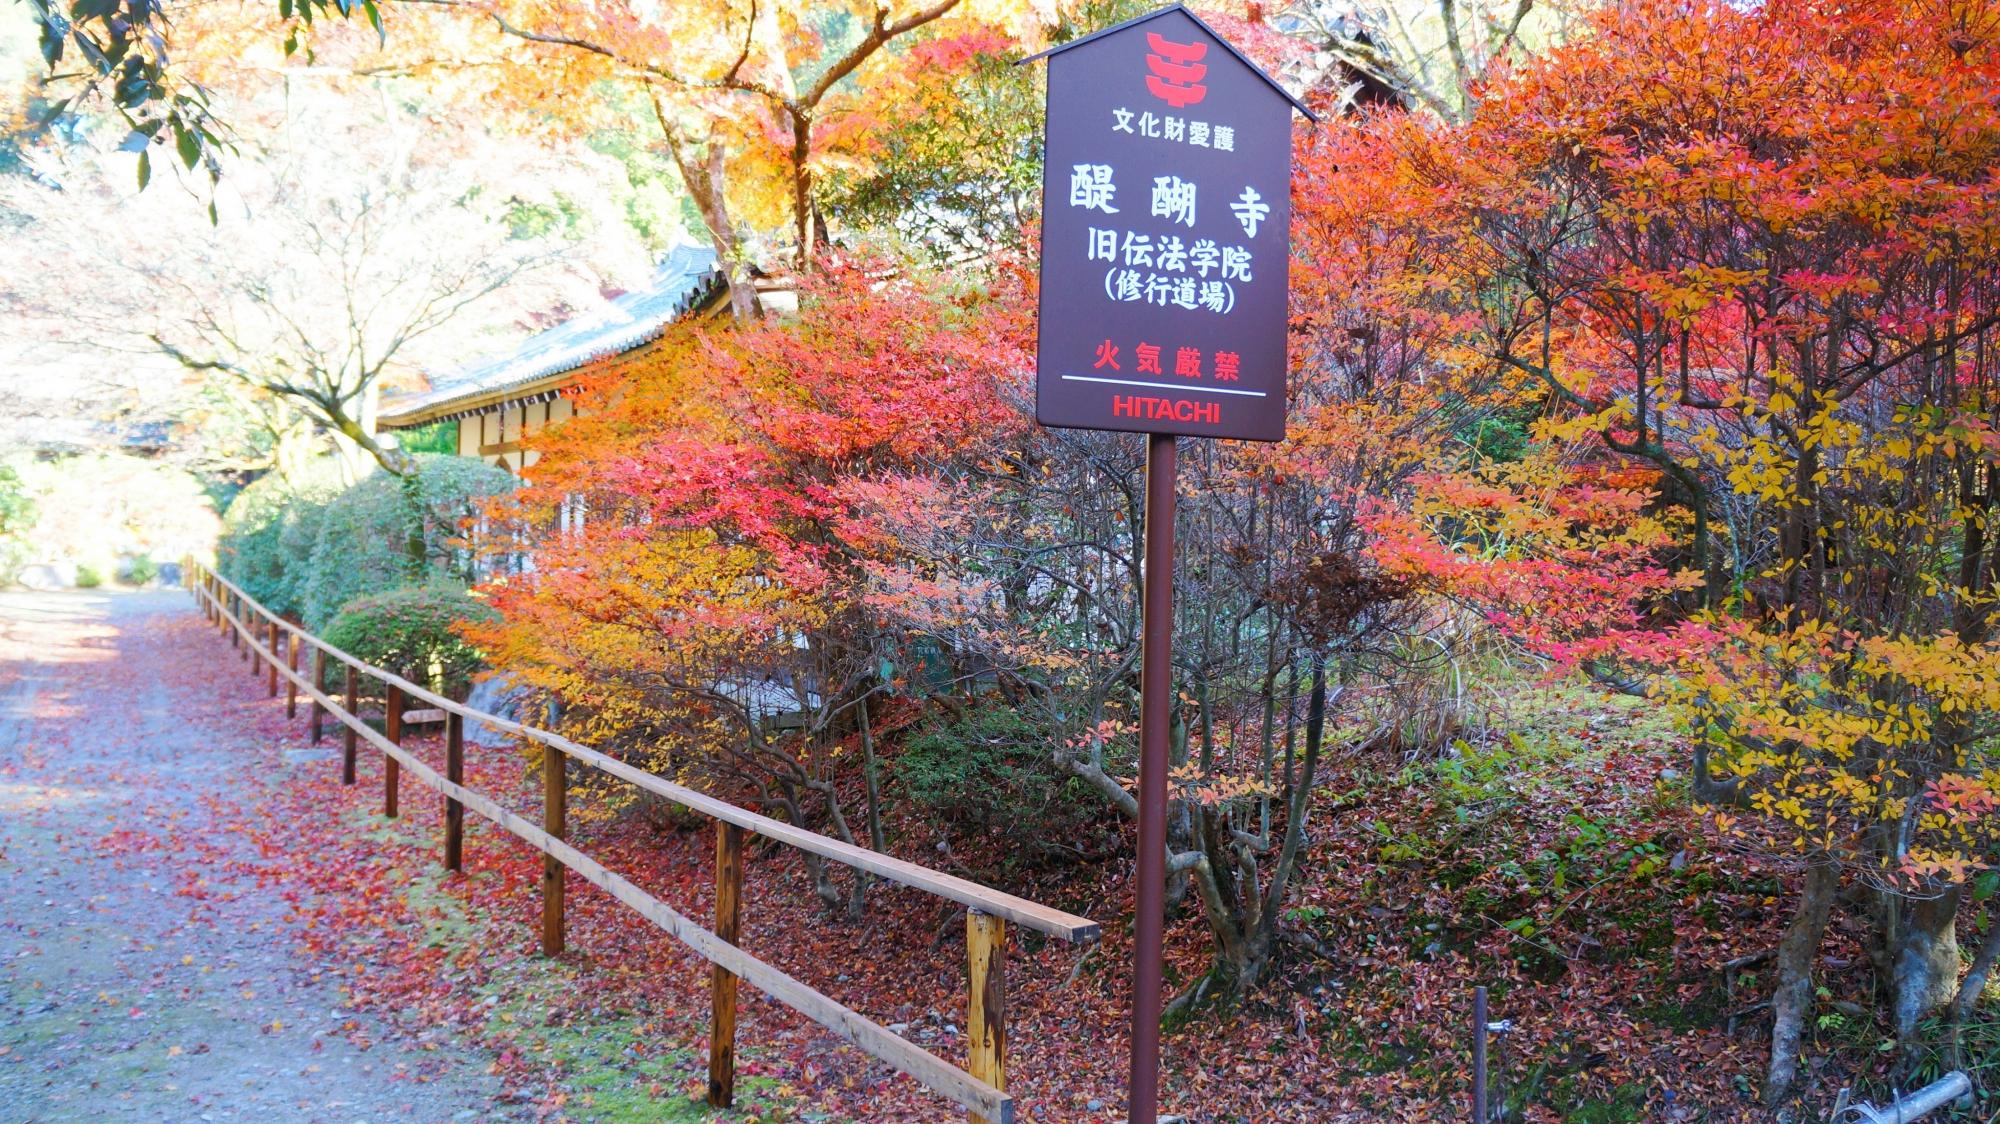 多彩な秋色を作り出す多種多様な木々や植物